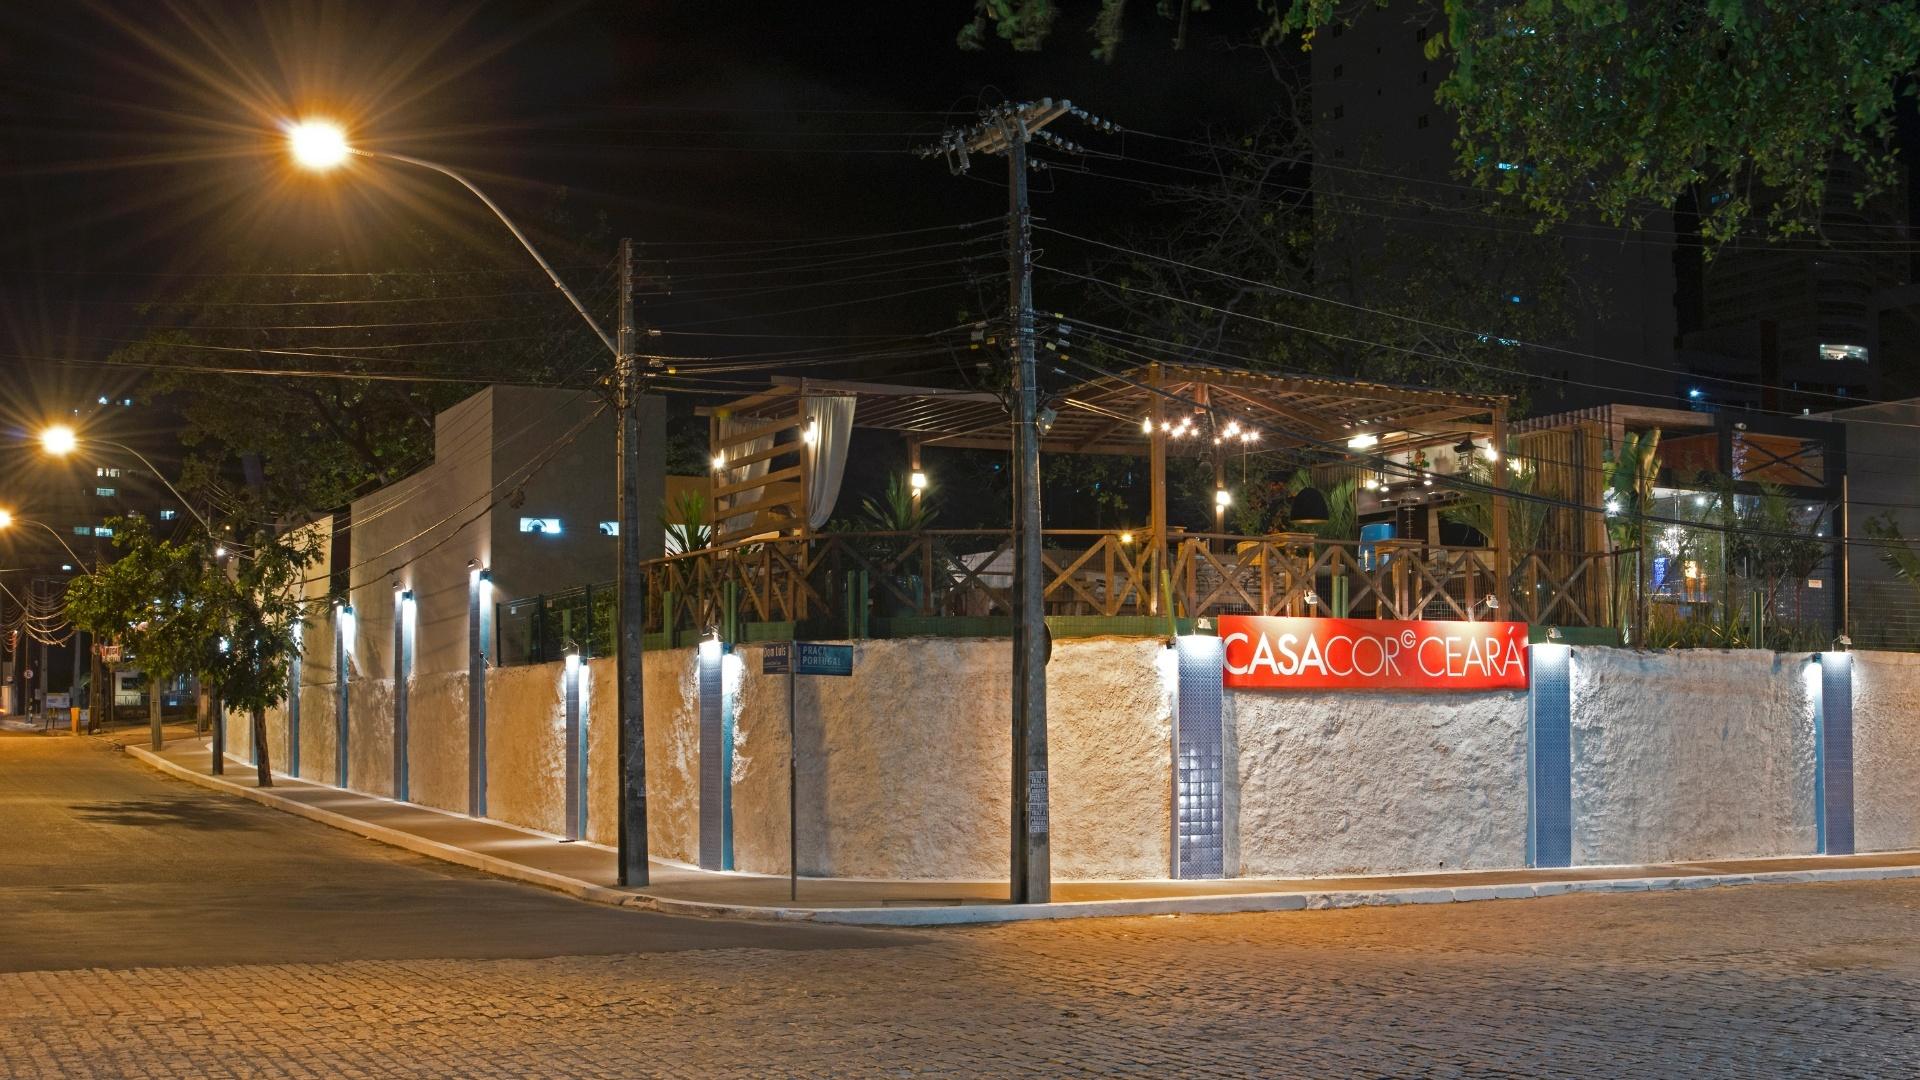 Fachada Externa criada pelo designer Pedro Esdras para a 14ª Casa Cor CE, que segue até dia 20 de novembro de 2012, na Praça Portugal, em Fortaleza